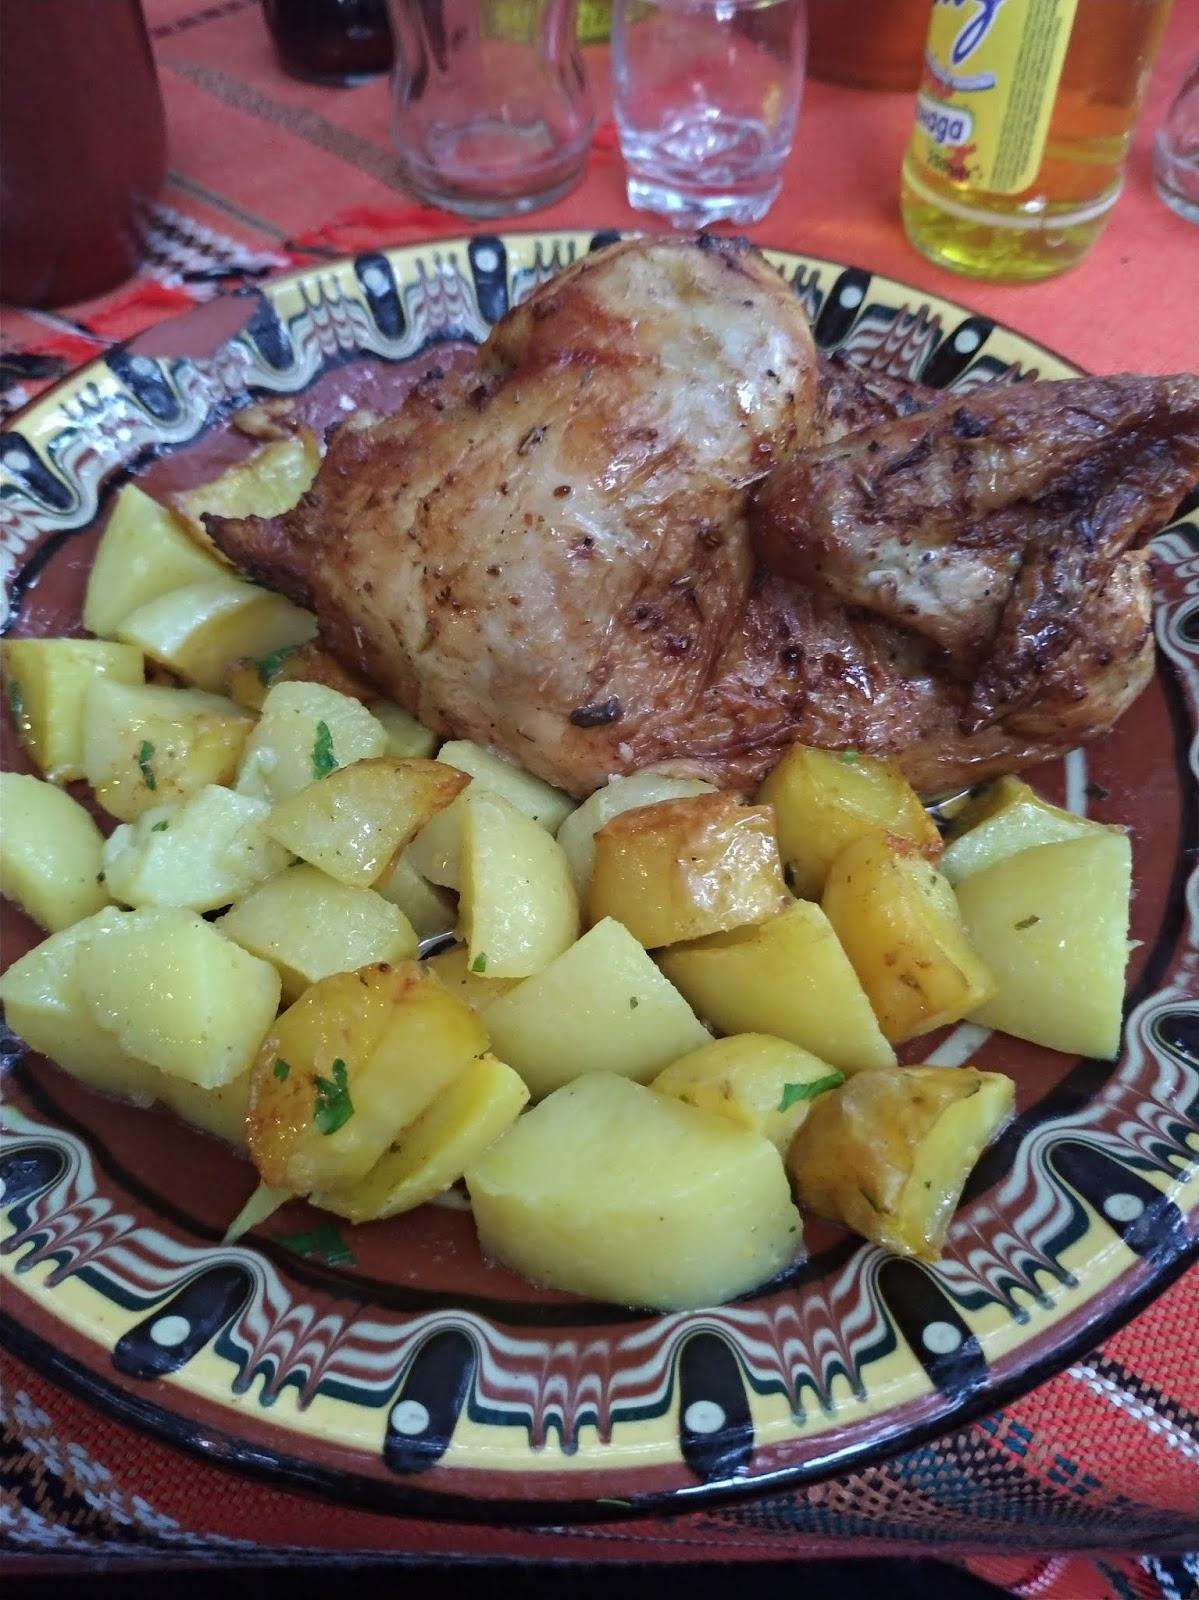 bułgarska biesiada na wycieczce, restauracja Piknik Bivaka, danie główne